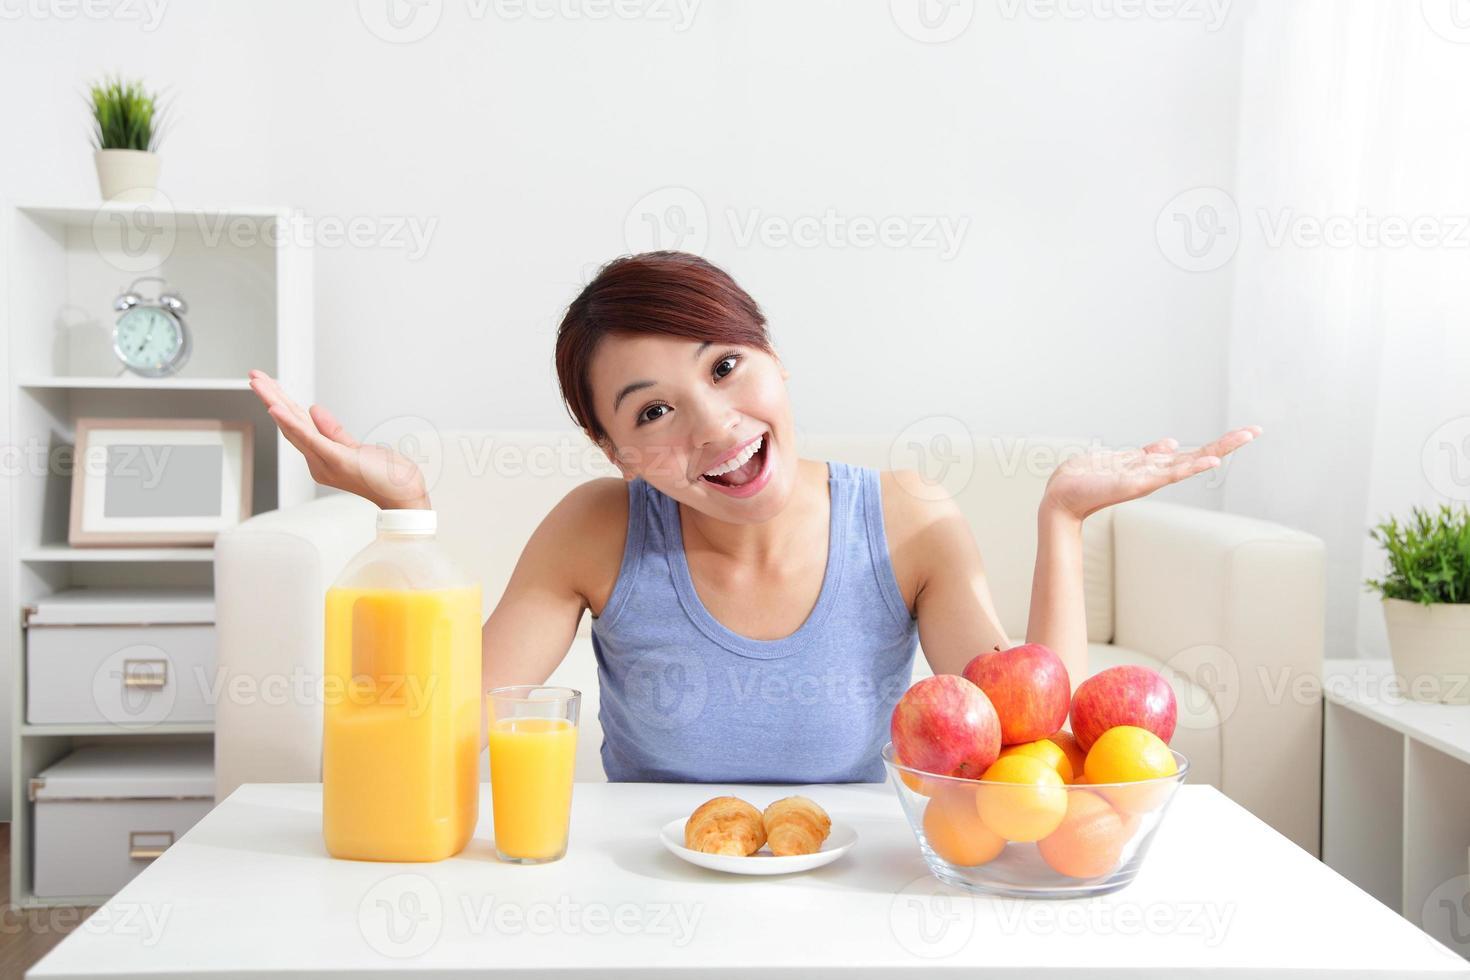 vrolijke vrouw die een jus d'orange drinkt foto